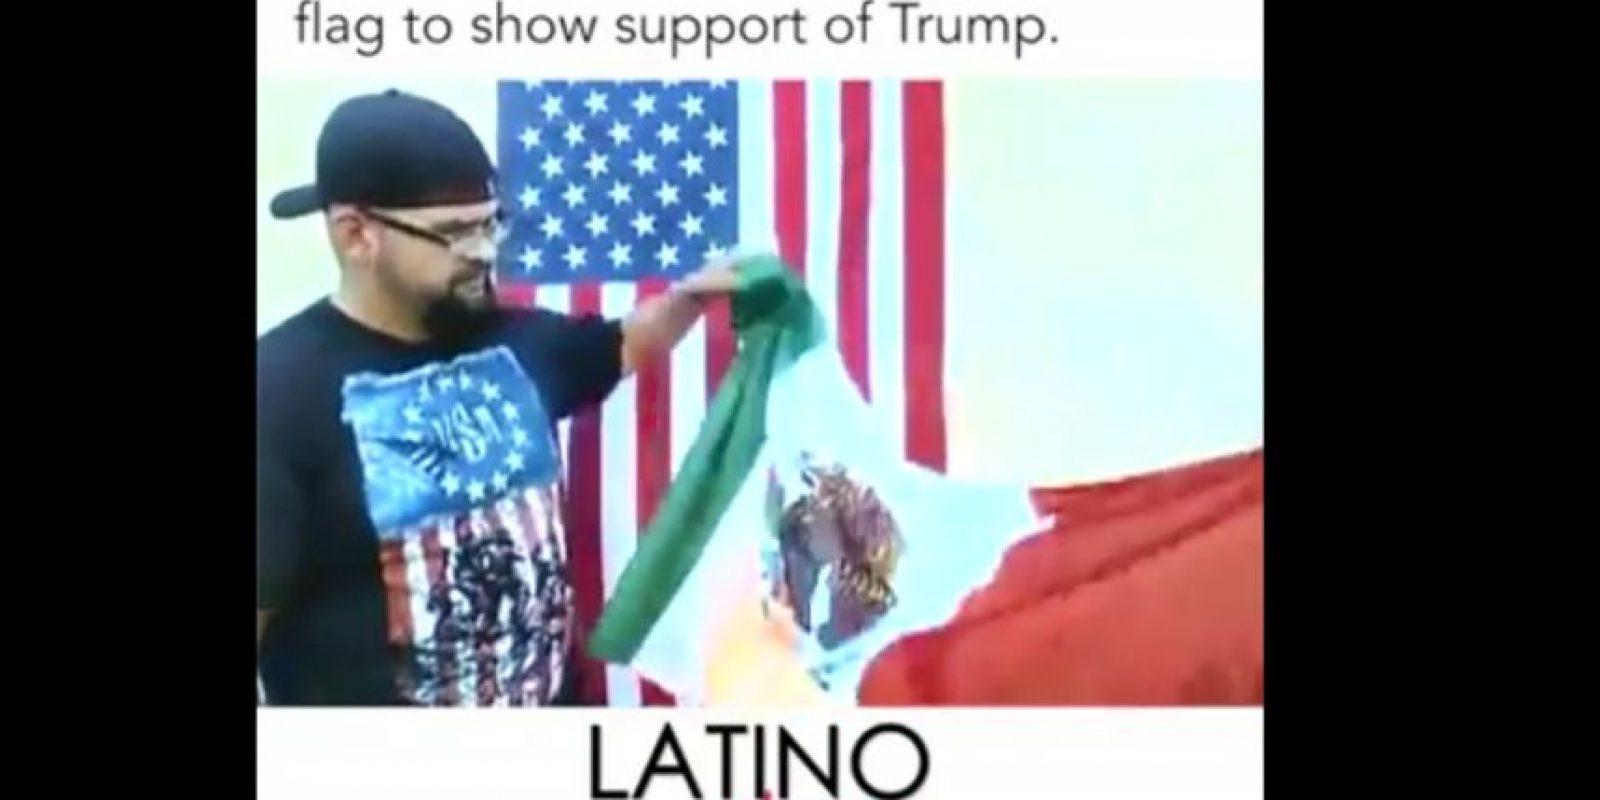 """""""Sólo tenemos una bandera y es la bandera americana, no vamos a tener otra bandera"""", afirman en el video. Foto:Especial"""